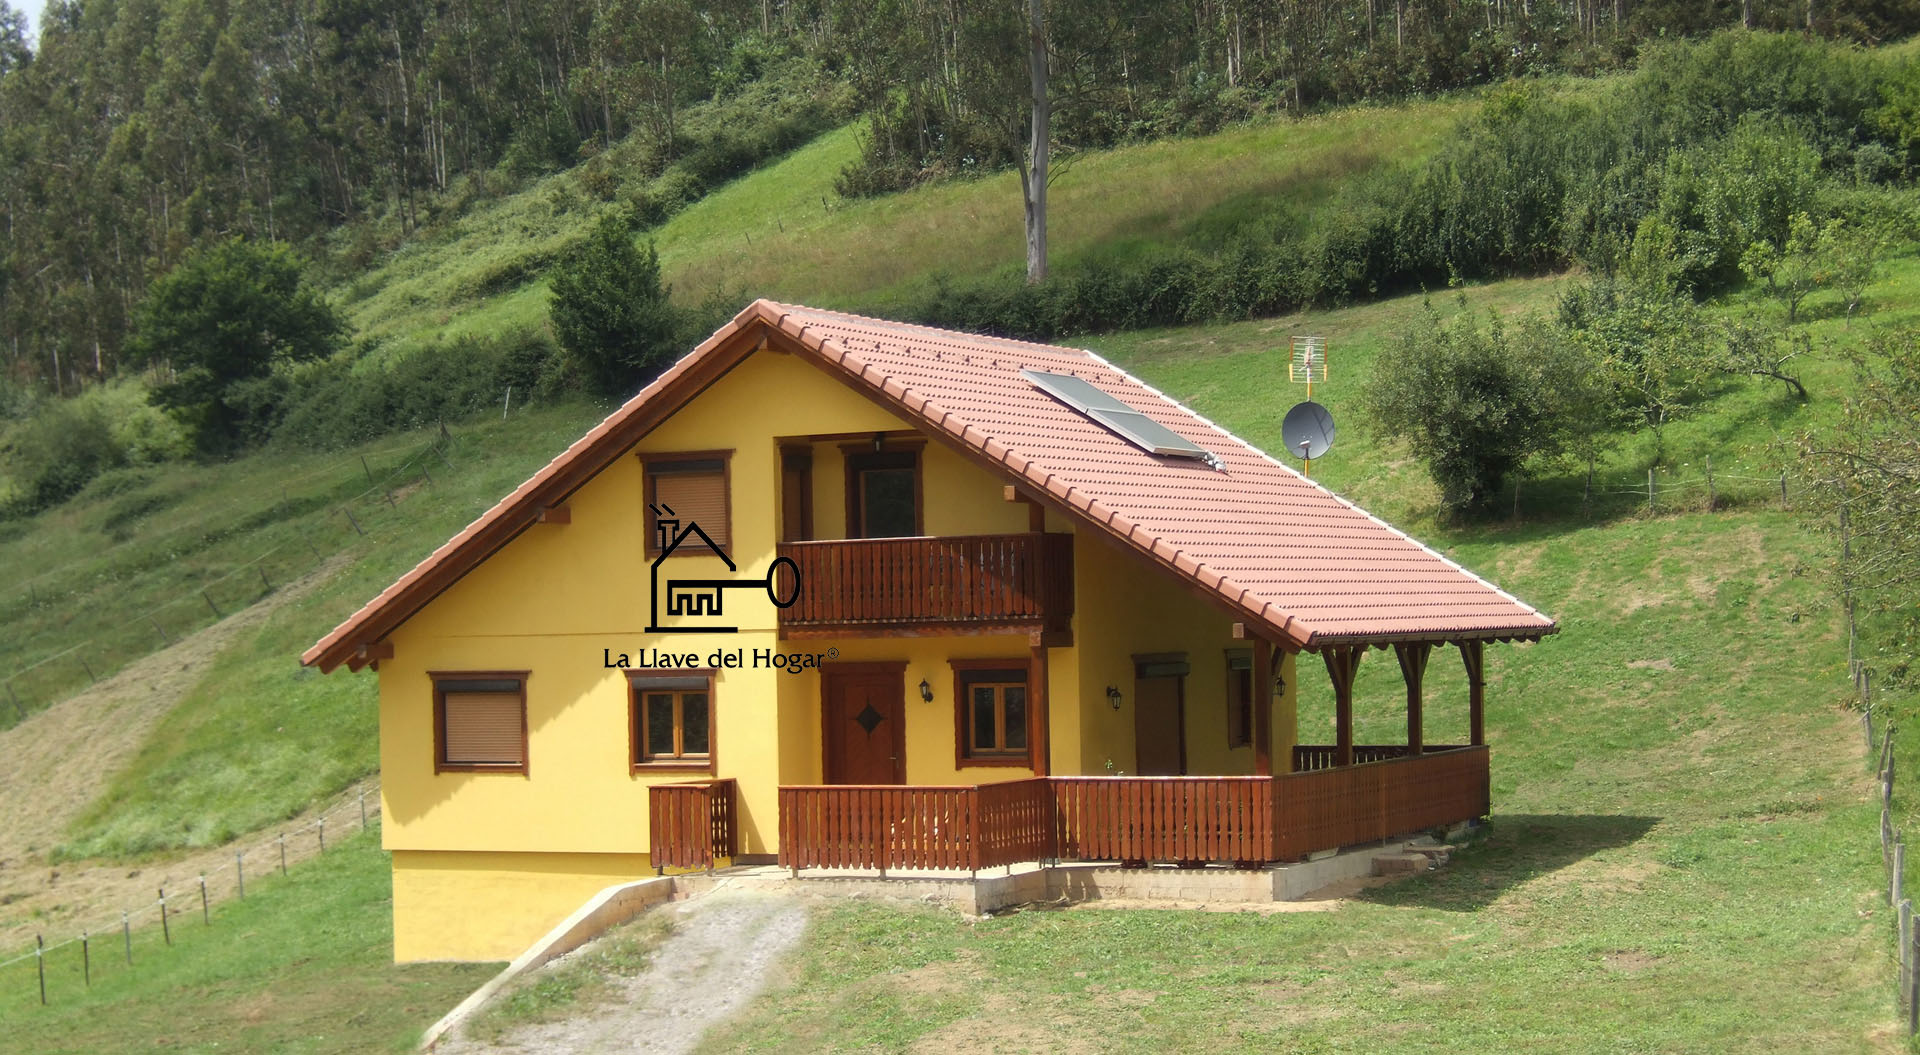 La llave del hogar casas de madera y entramado ligero for Prefabricadas madera